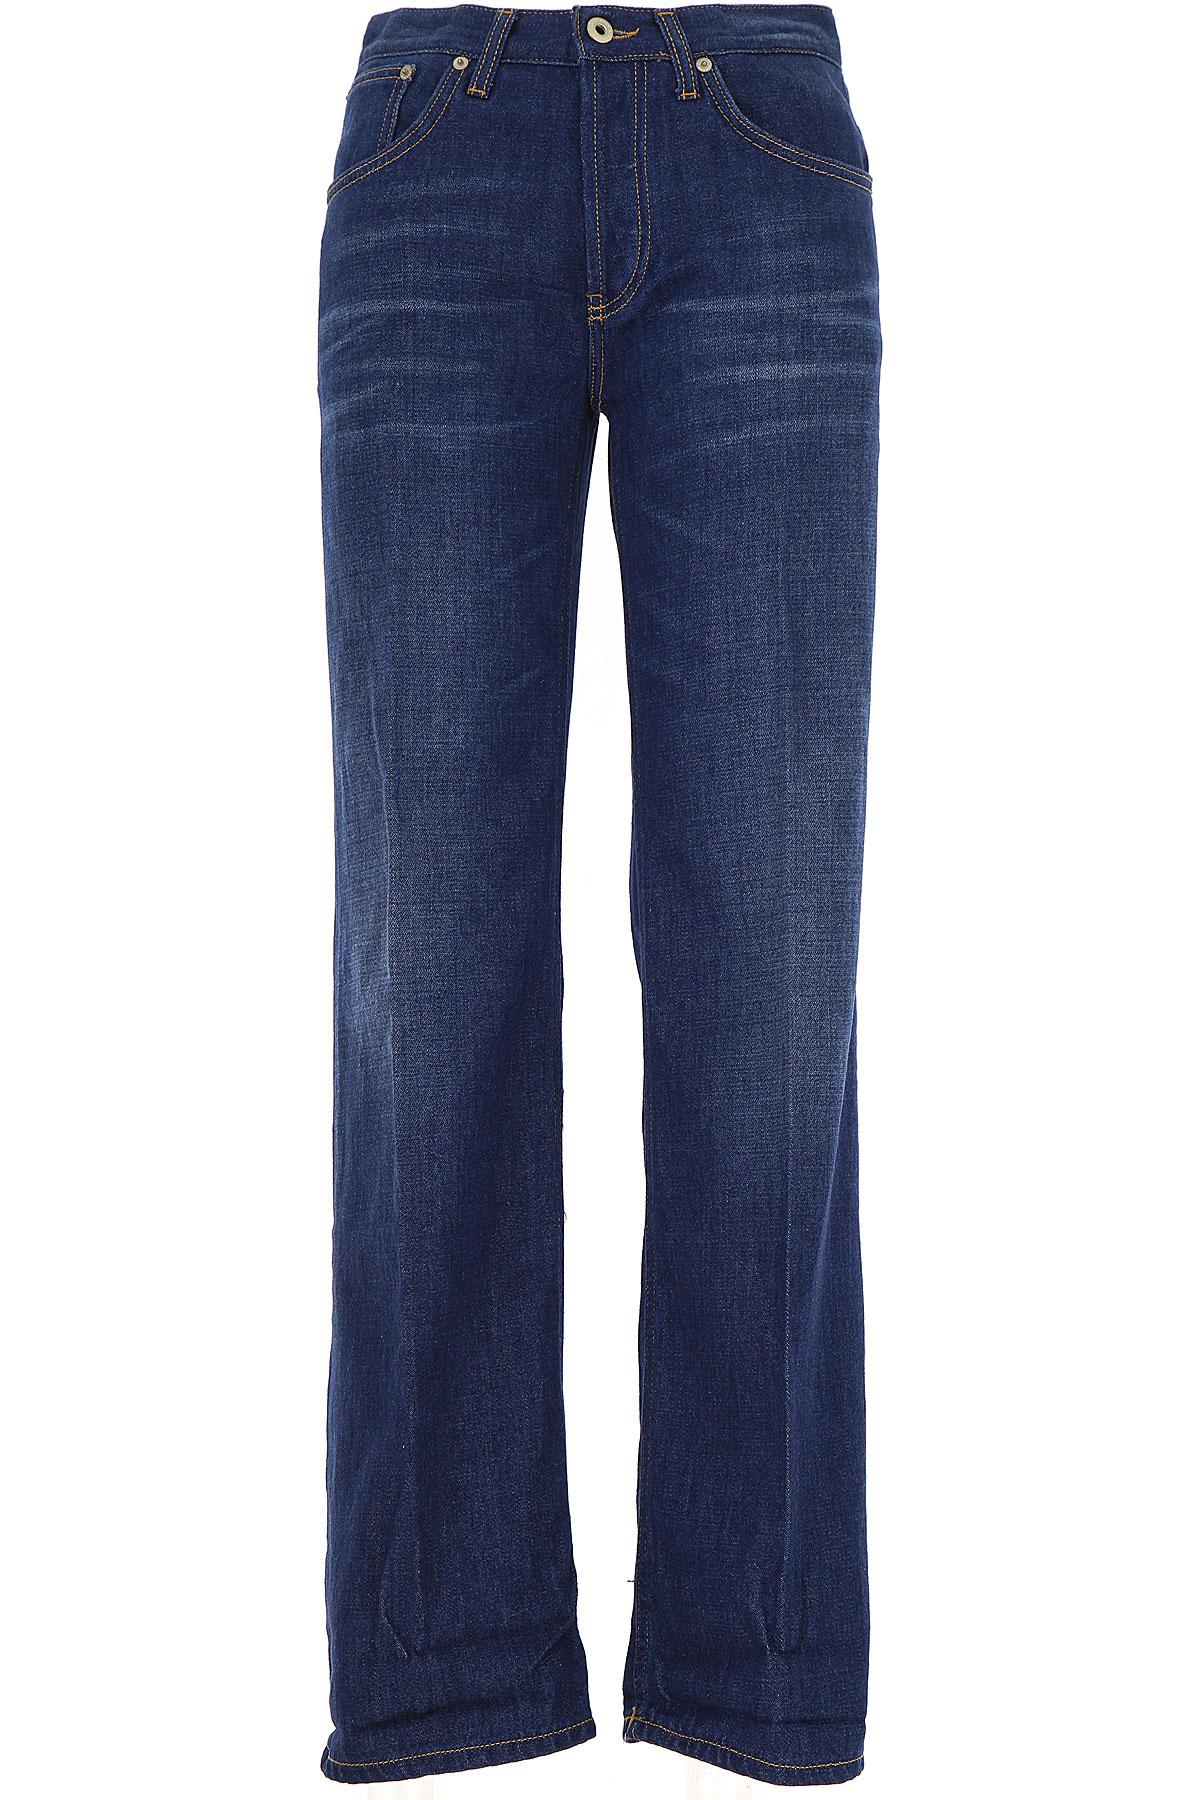 Dondup Jeans, Blue, Cotton, 2017, 24 25 26 28